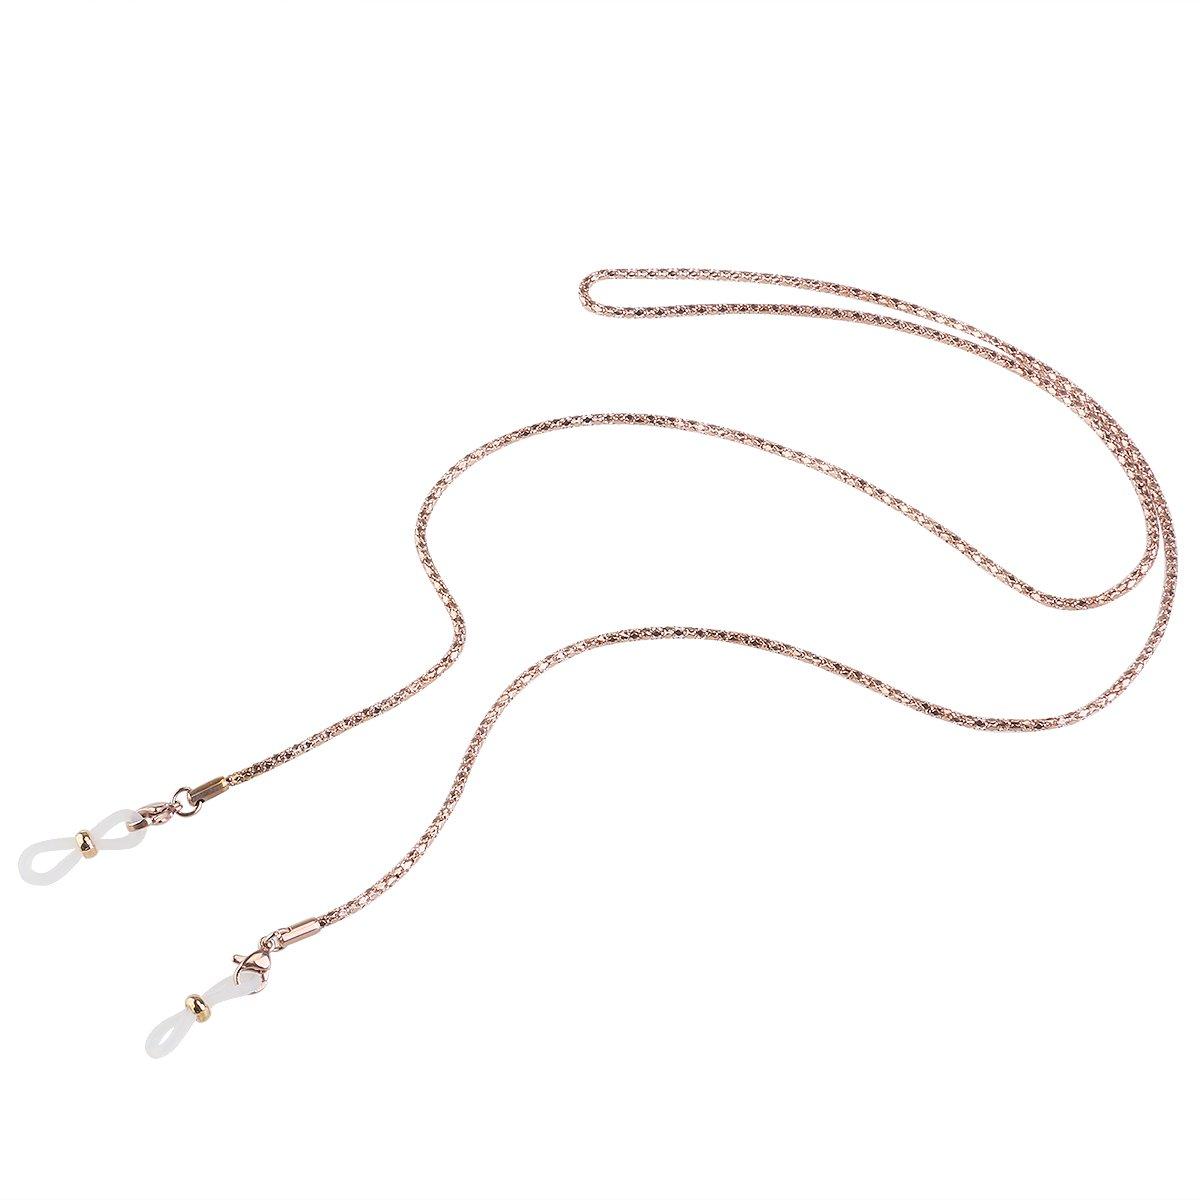 Ueetek catena in acciaio inossidabile Montatura antiscivolo degli occhiali da sole catena corda da collo supporto monocolo oro (non incluso)